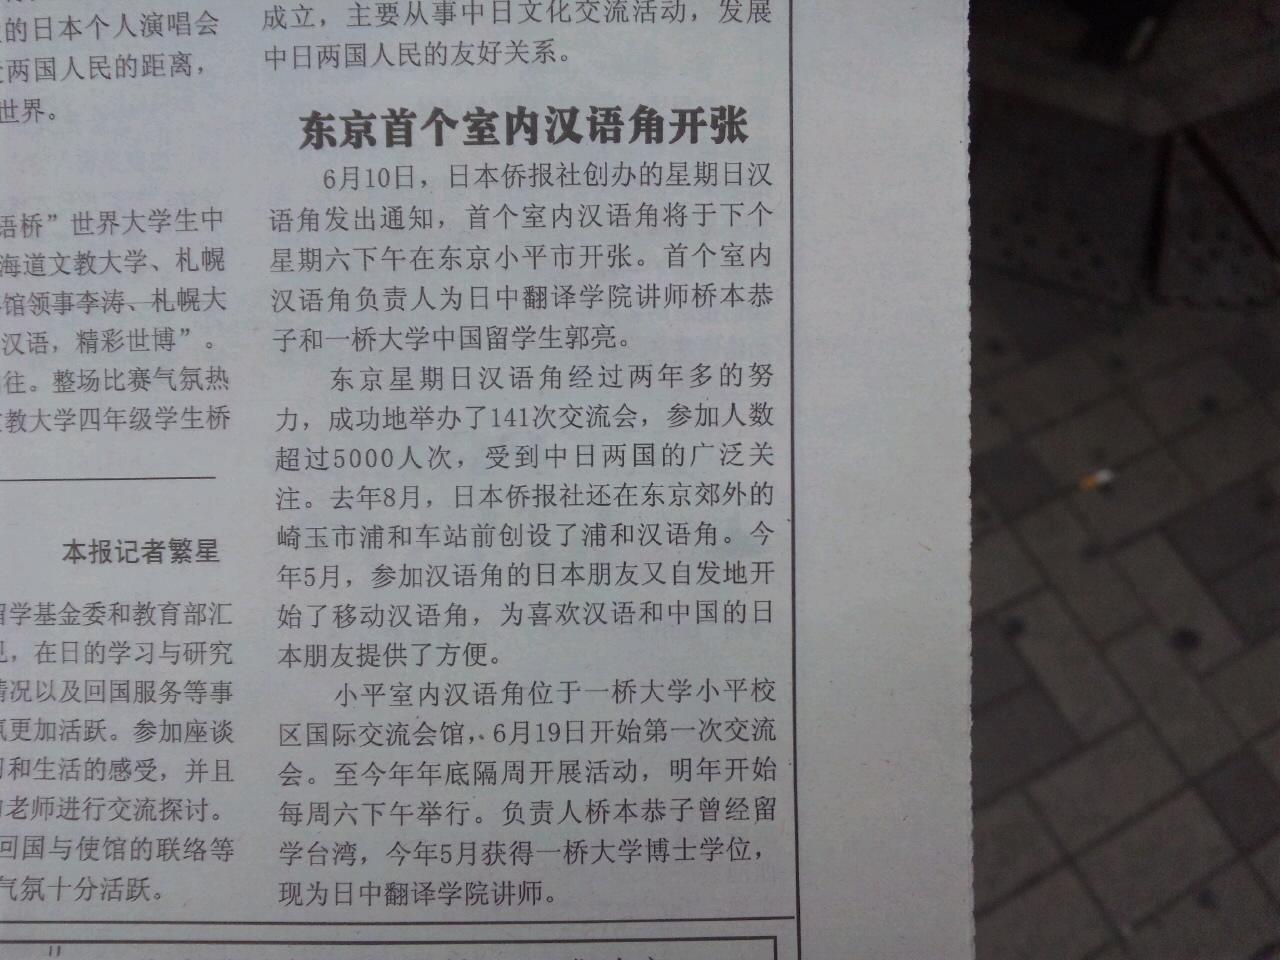 華人週報17日号_d0027795_1336994.jpg